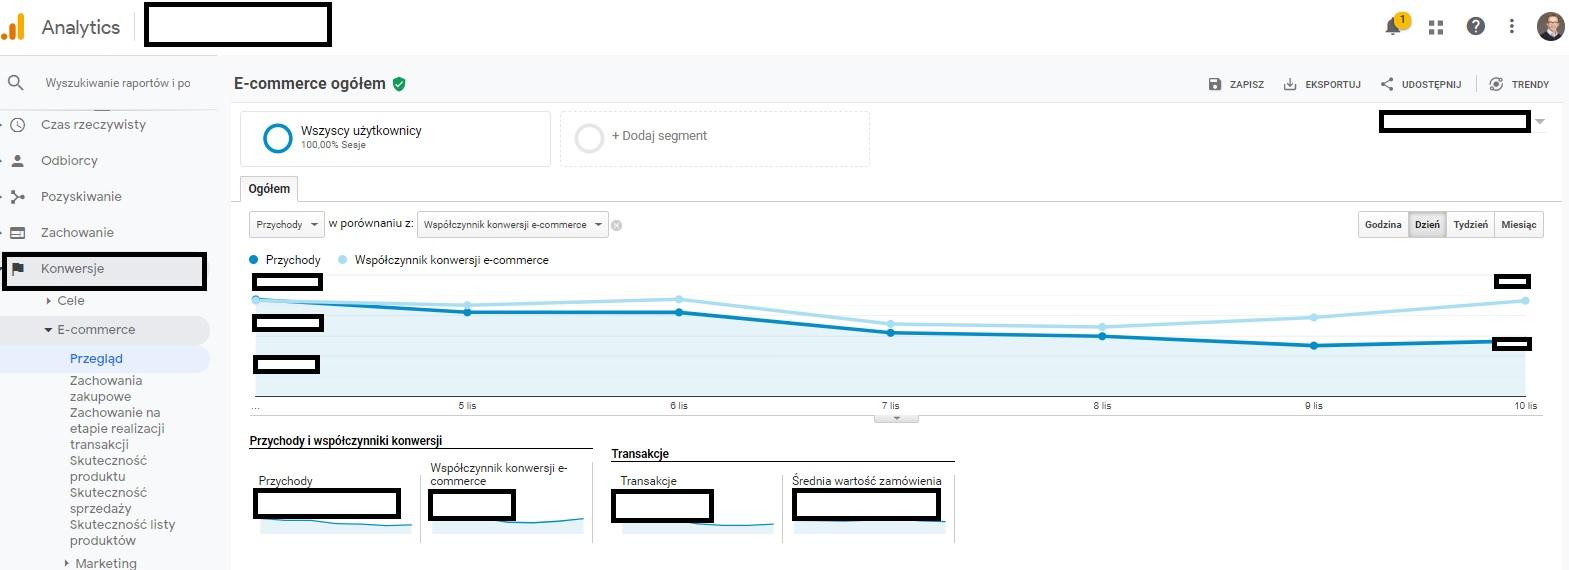 Jak sprawdzić czy moduł e-commerce w Google Analitycs działa?